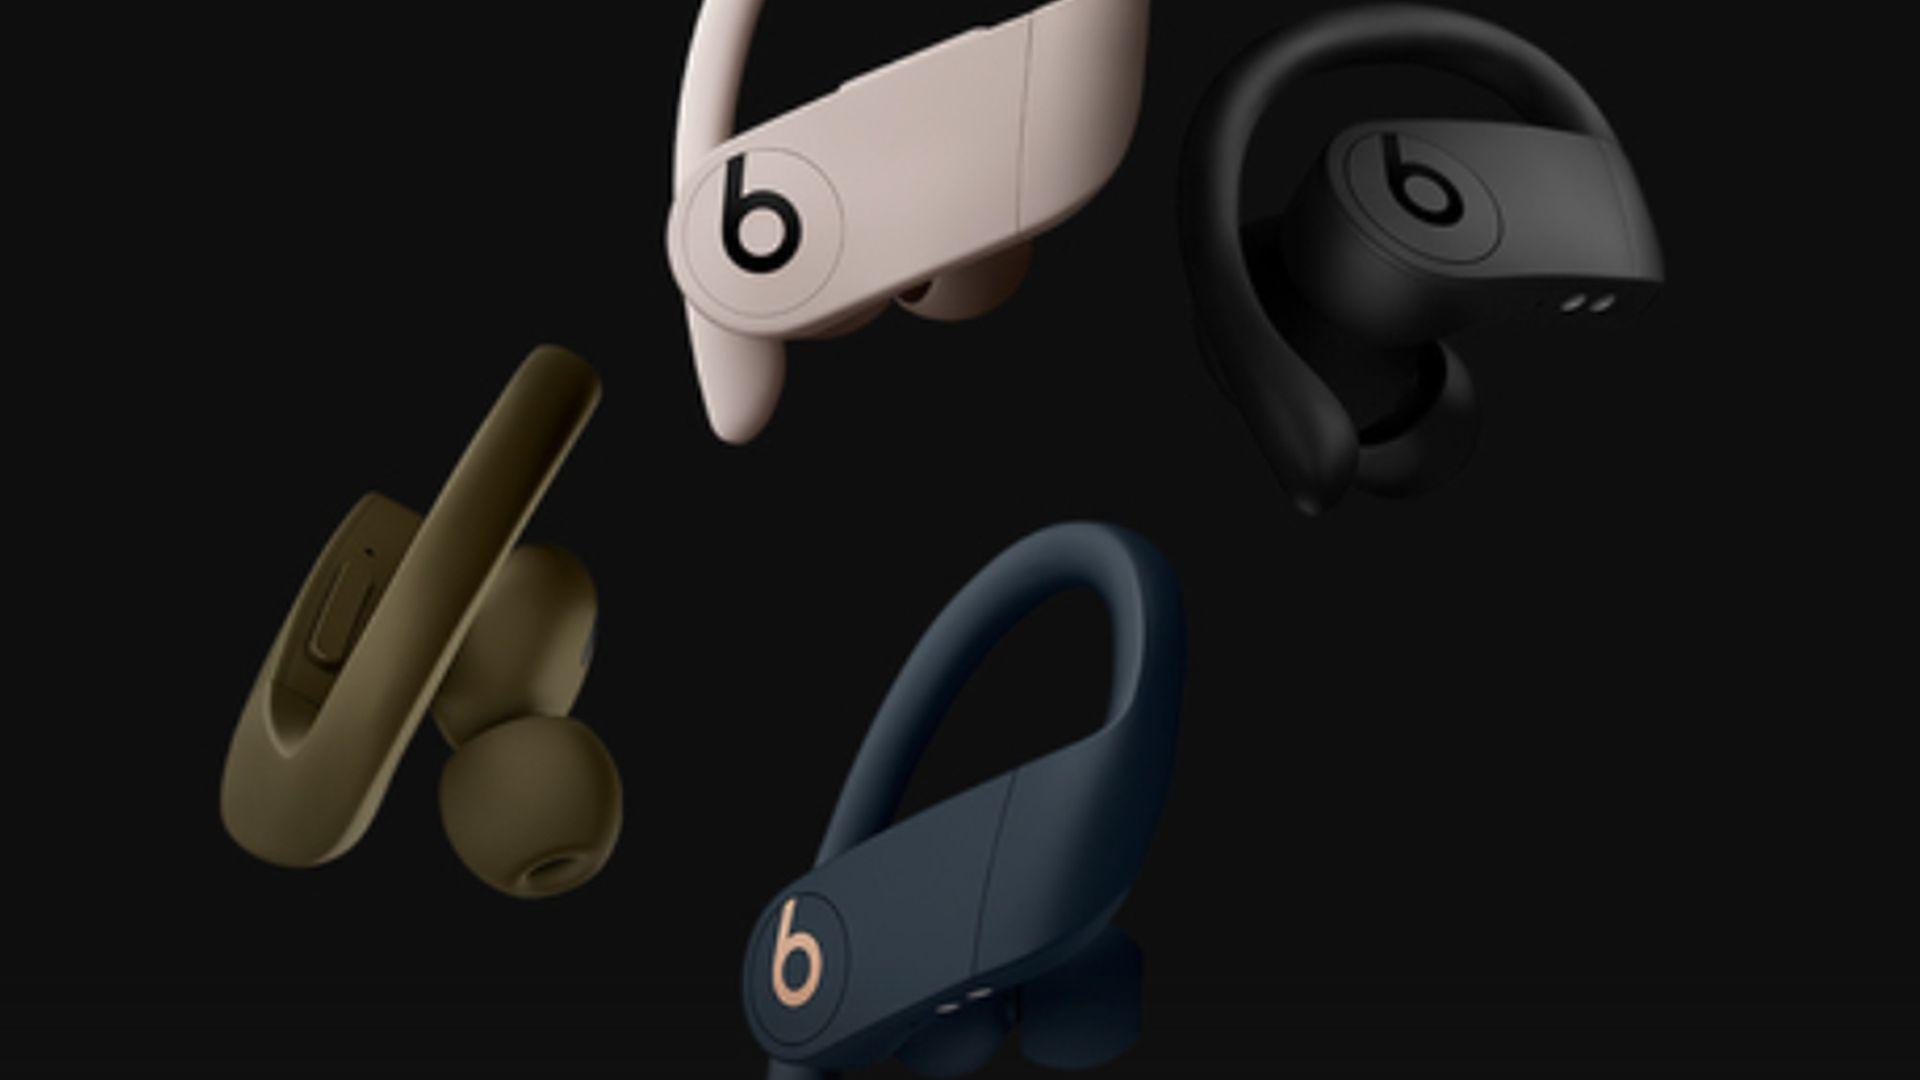 Dostępne nowe wersje kolorystyczne słuchawek Powerbeats Pro